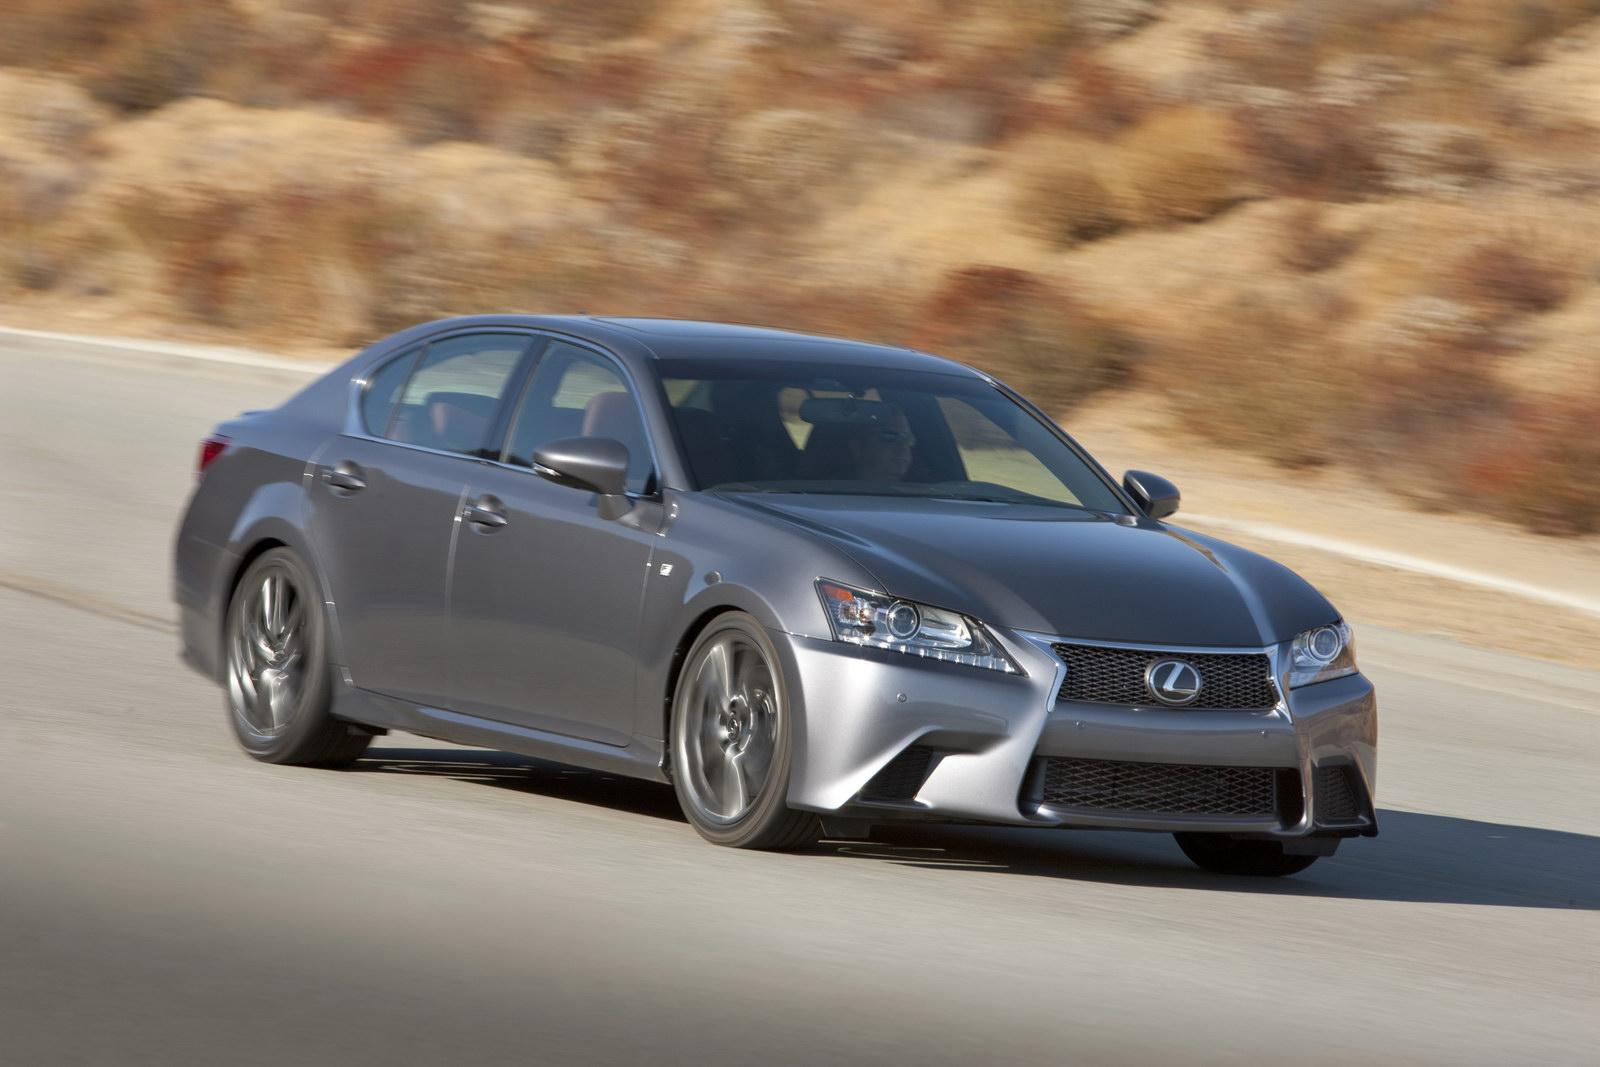 http://1.bp.blogspot.com/-95M4w-Nnhuc/UMsQbLtPOMI/AAAAAAAAFsk/aVtm-byrh5s/s1600/2013+Lexus+GS+450h+F+Sport+2.jpg